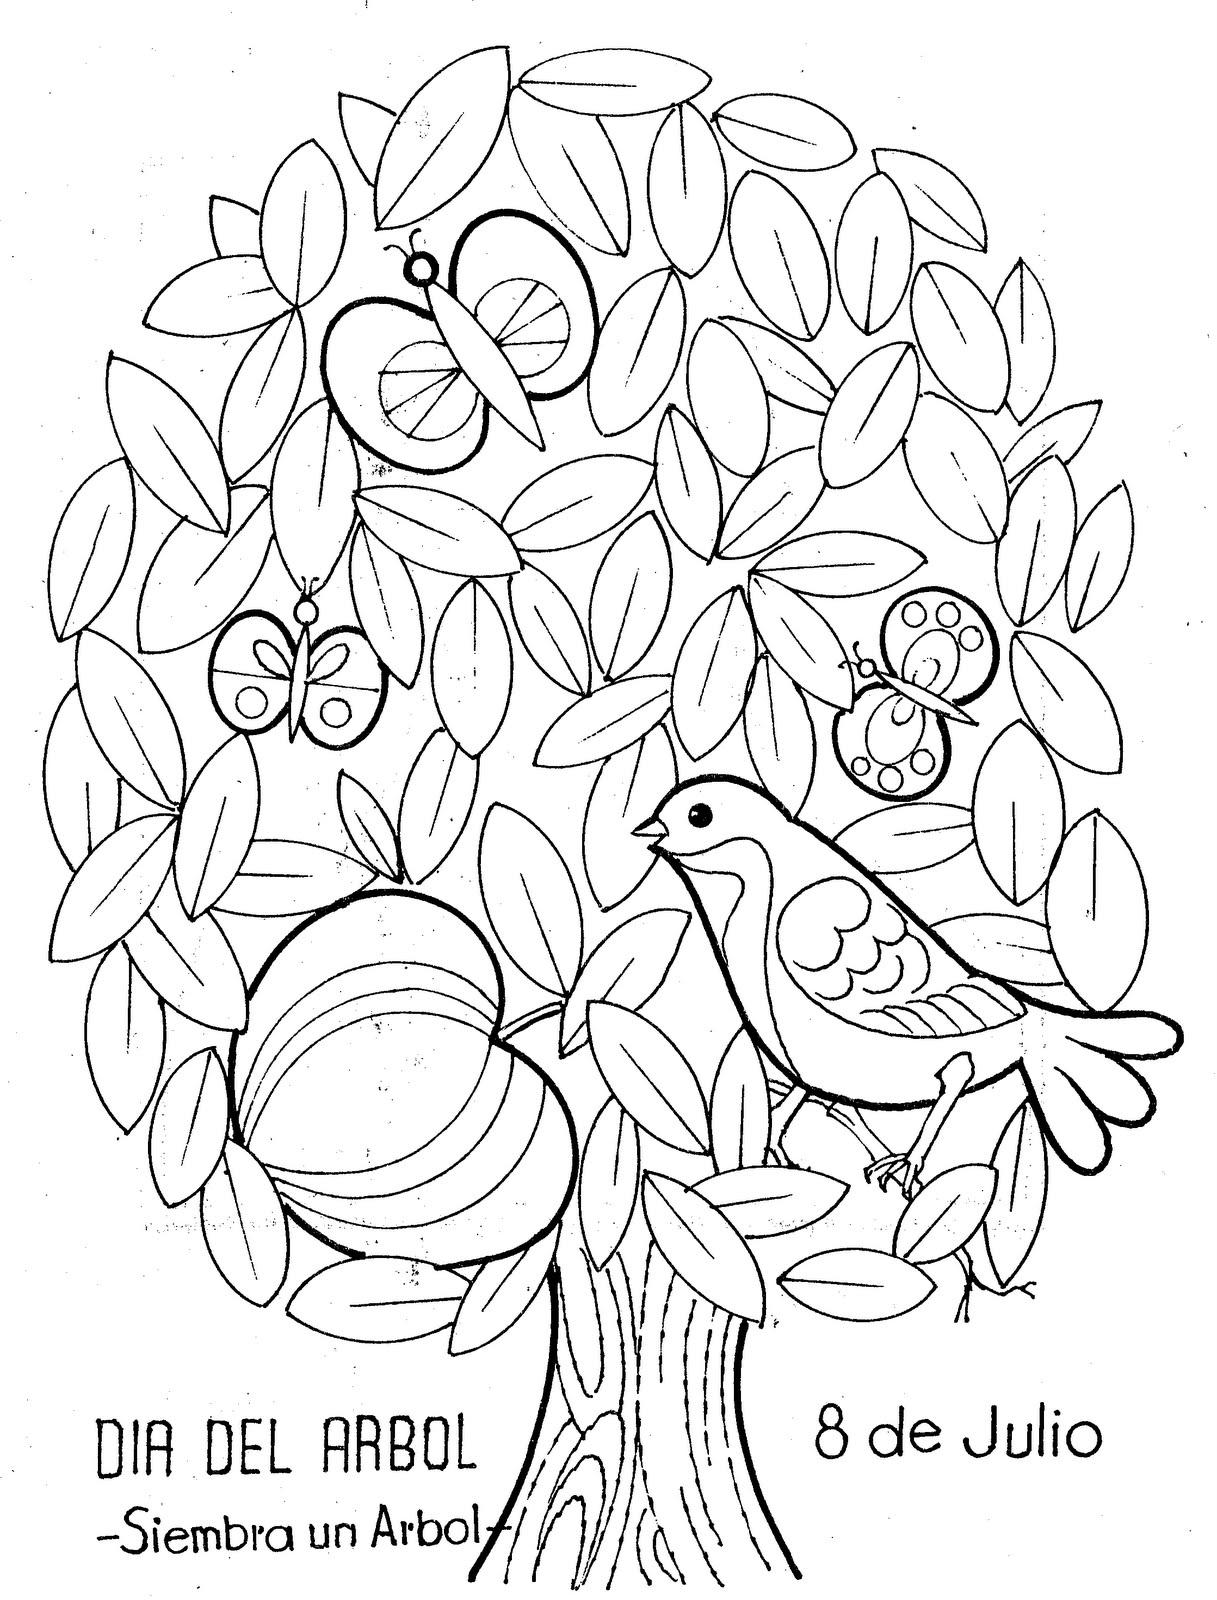 8 de julio - día del árbol para colorear